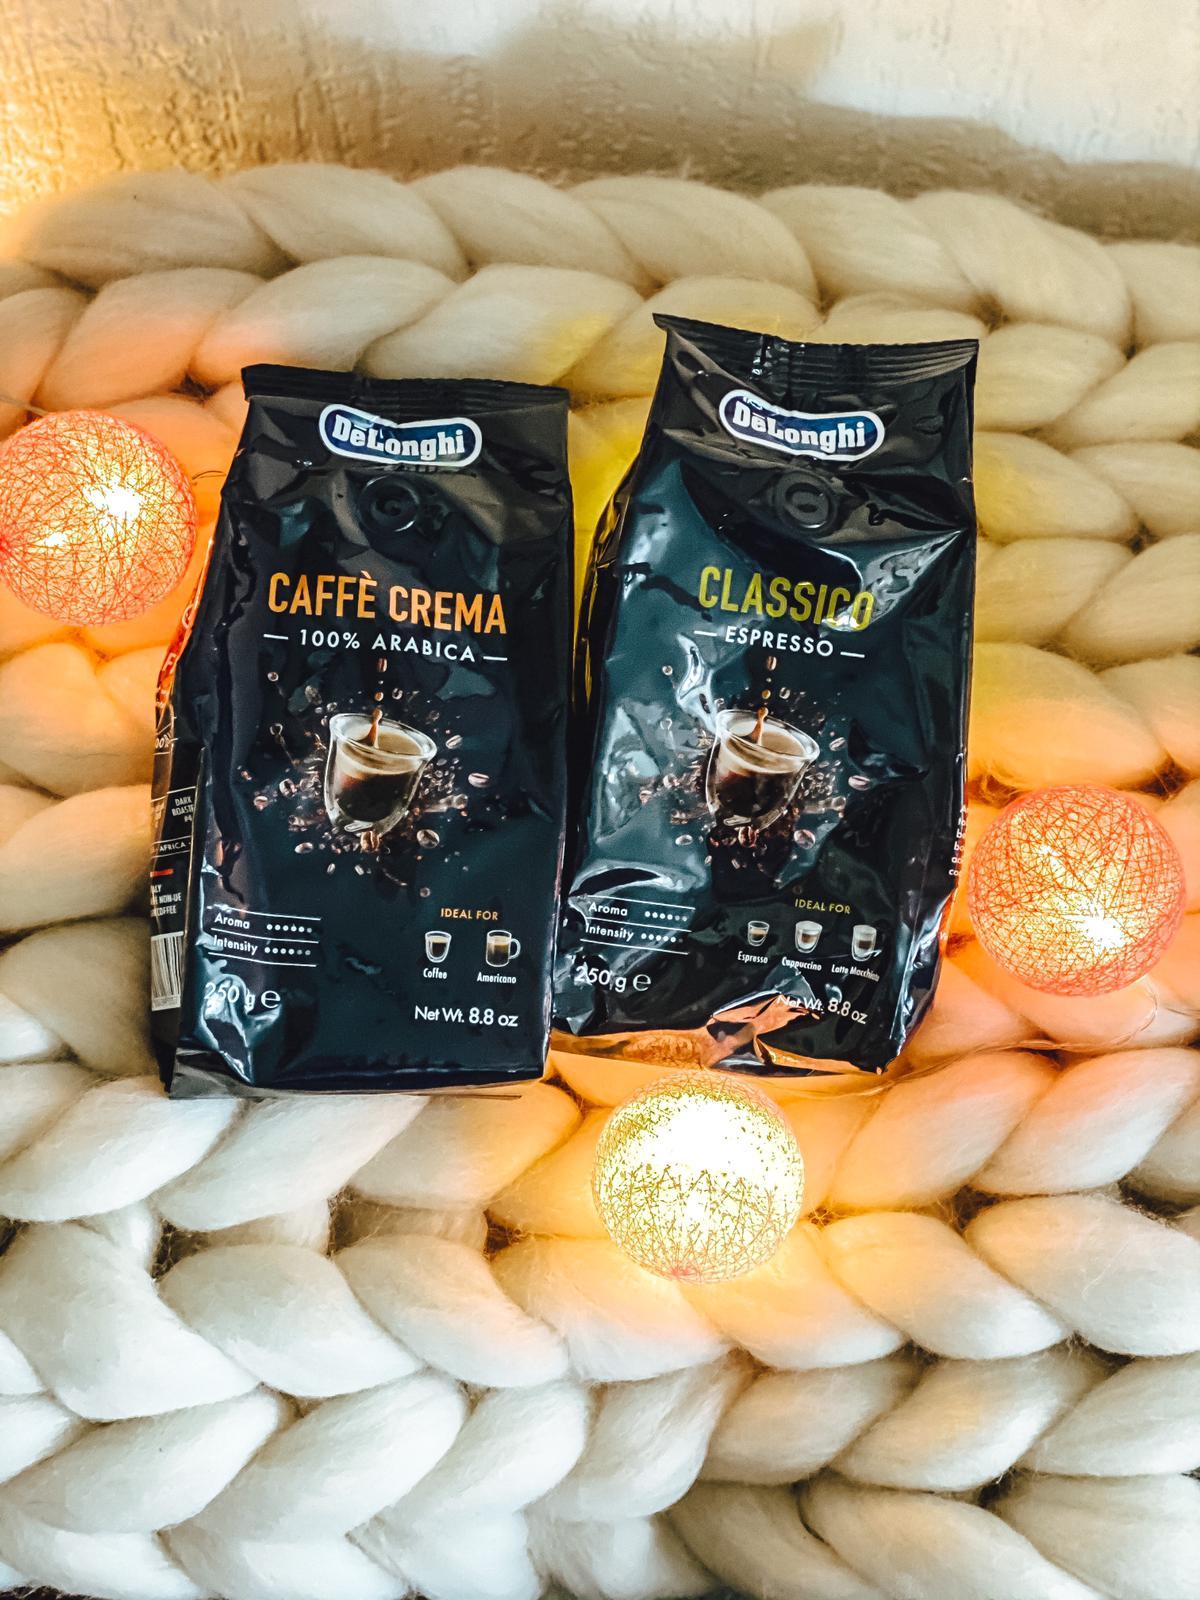 DeLonghi Kaffee